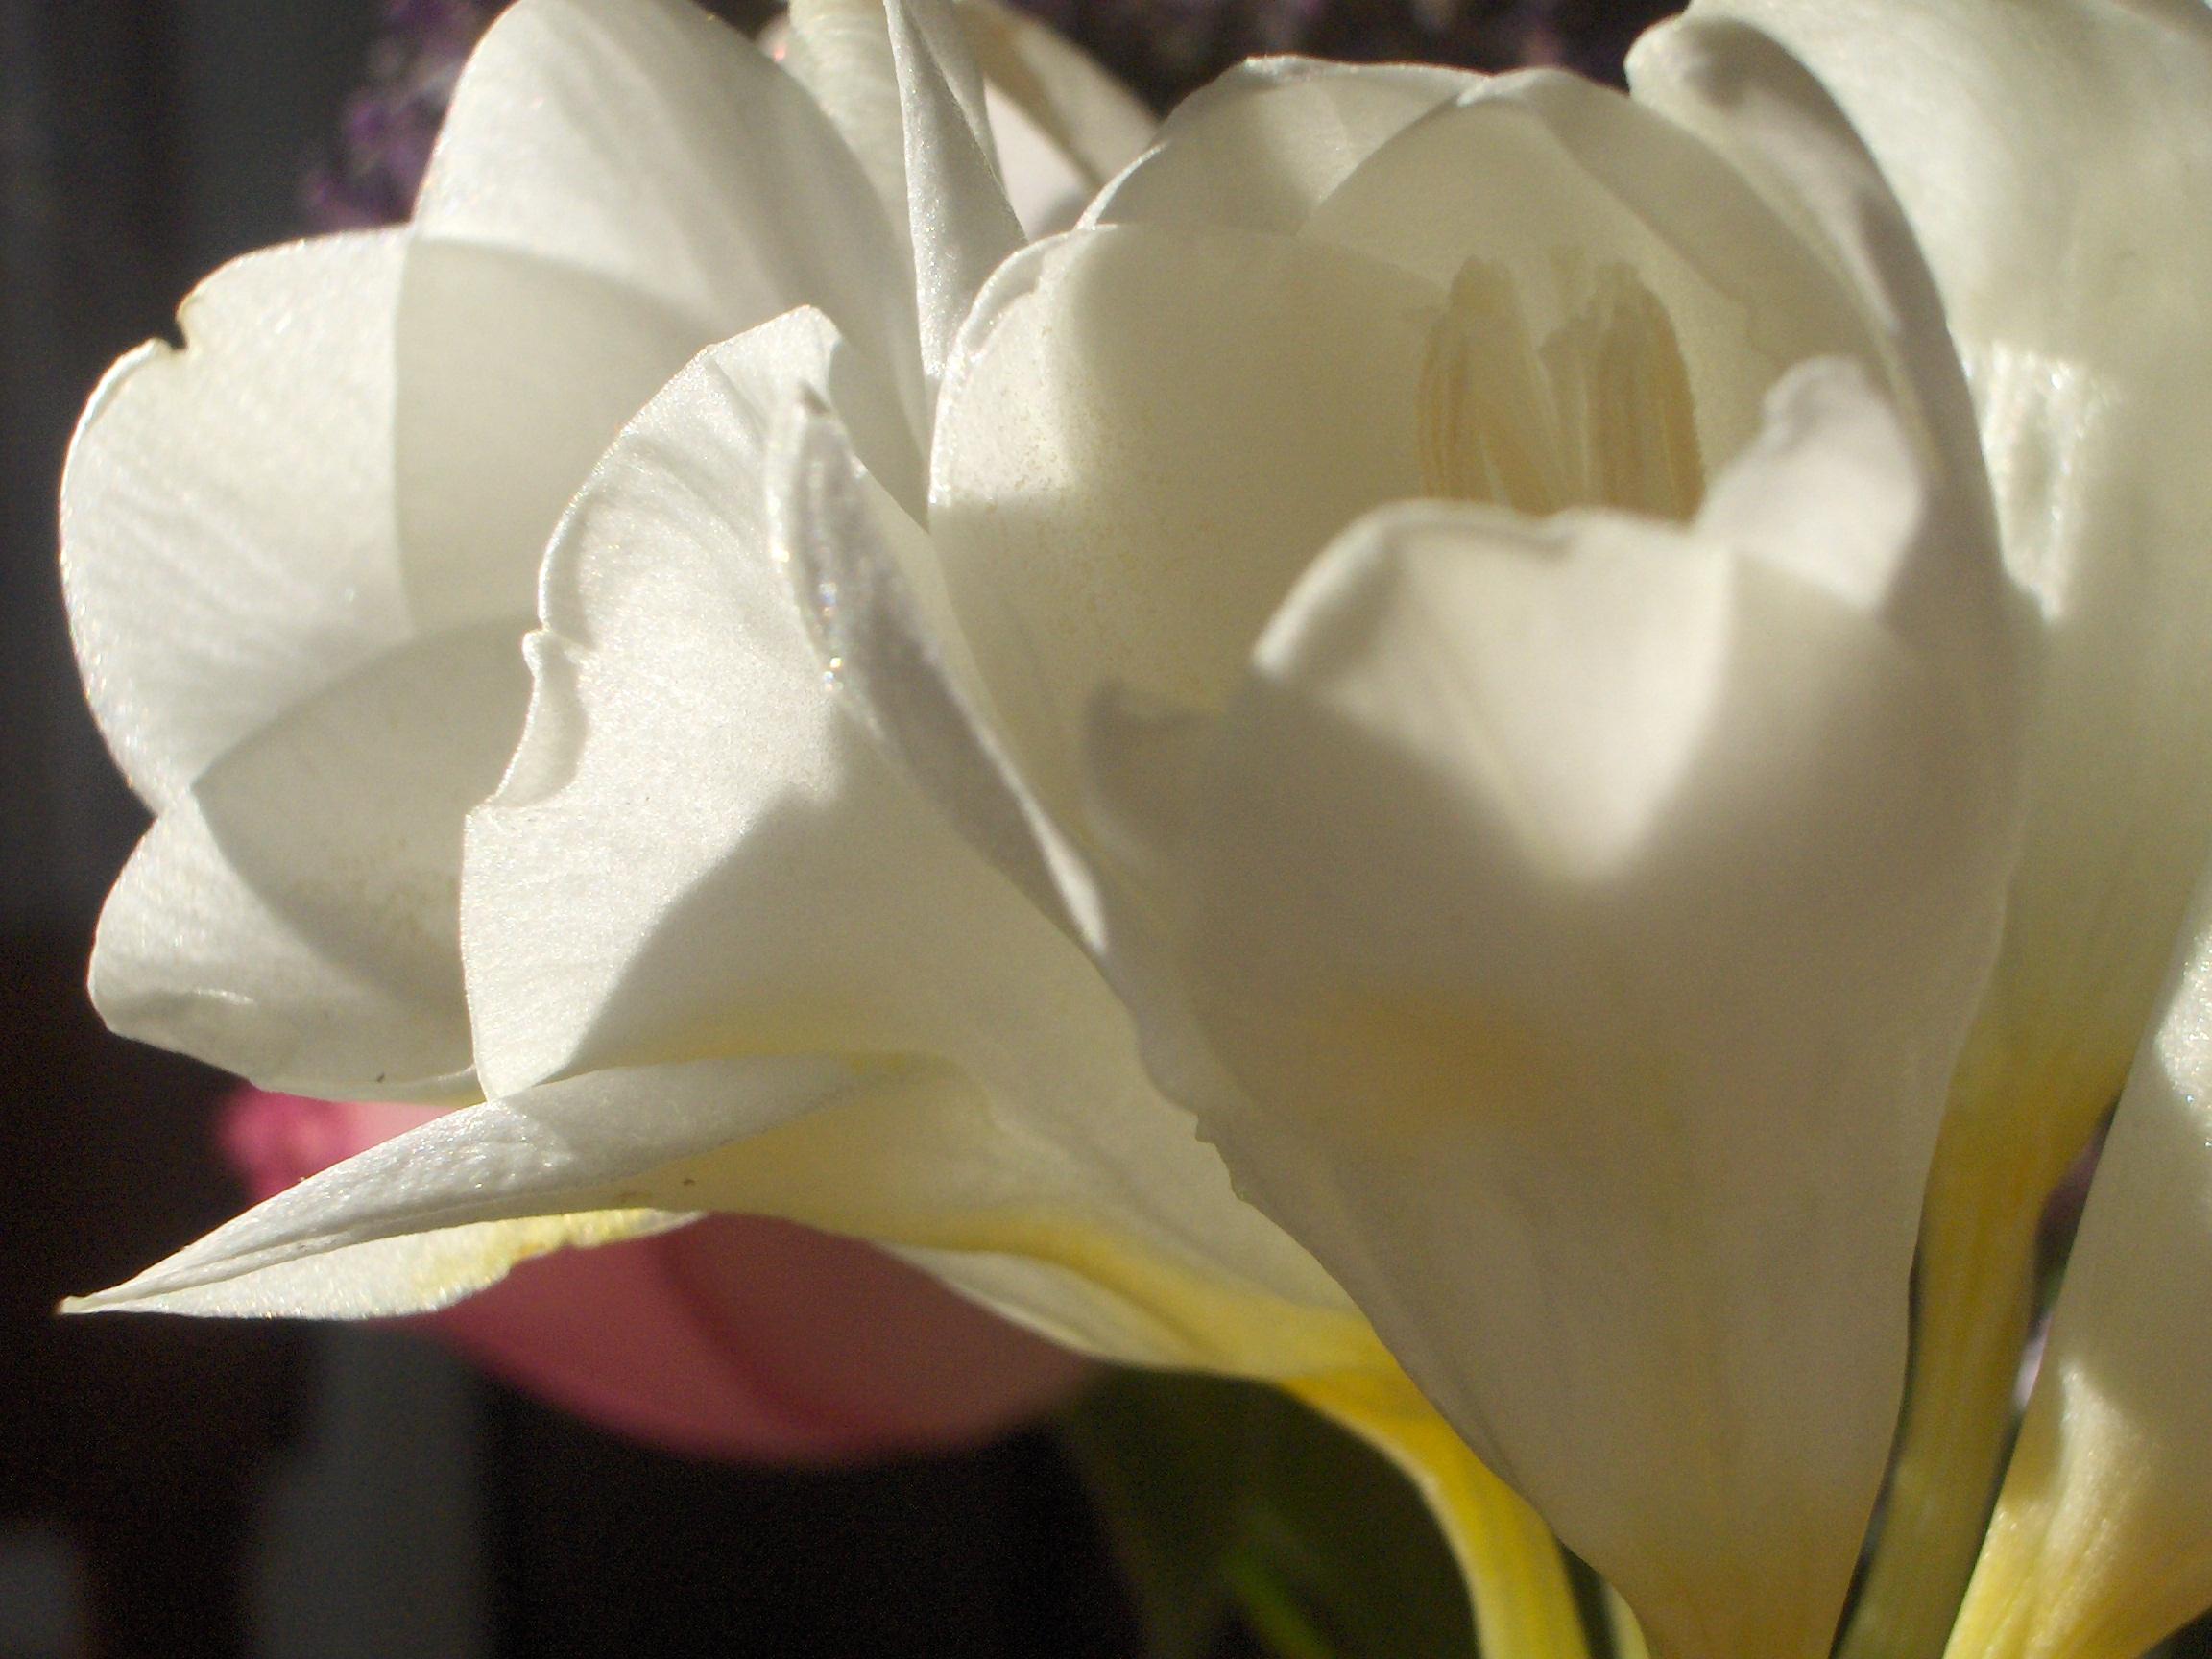 bouquetdu7fvrier07028.jpg